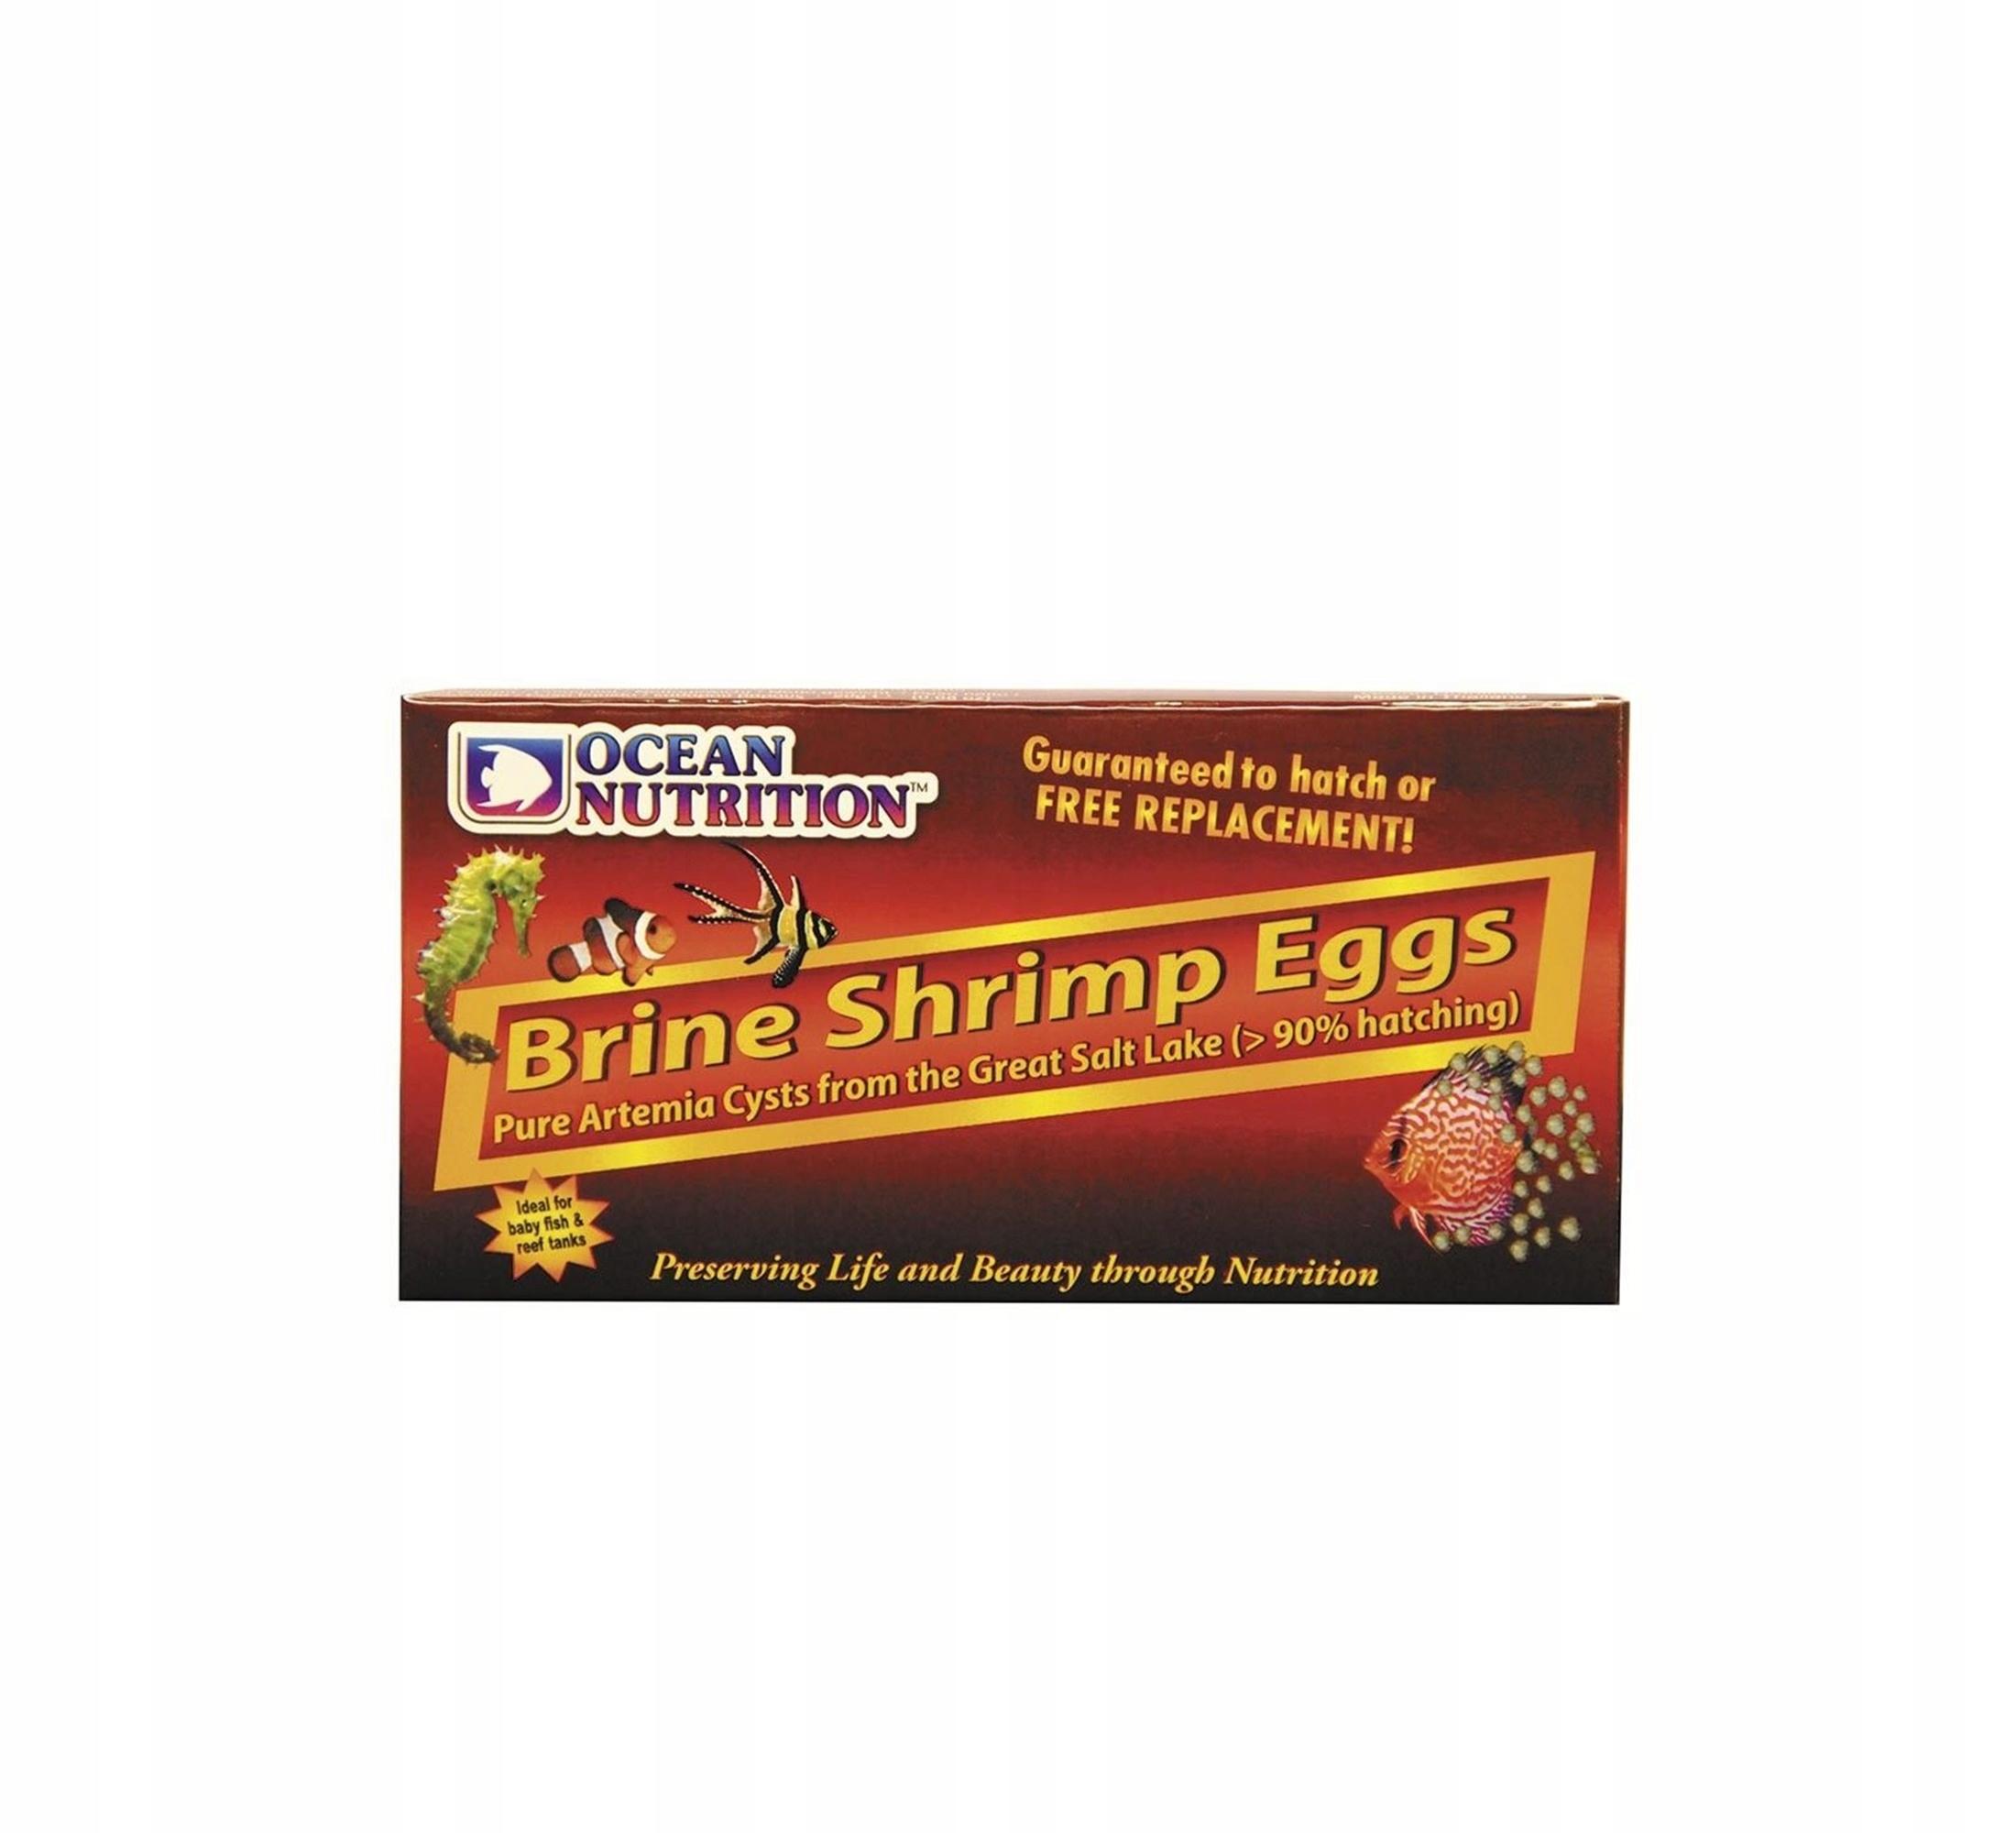 OCEAN VÝŽIVY slanom Náleve Krevety Vajcia 50g cysty, artemi